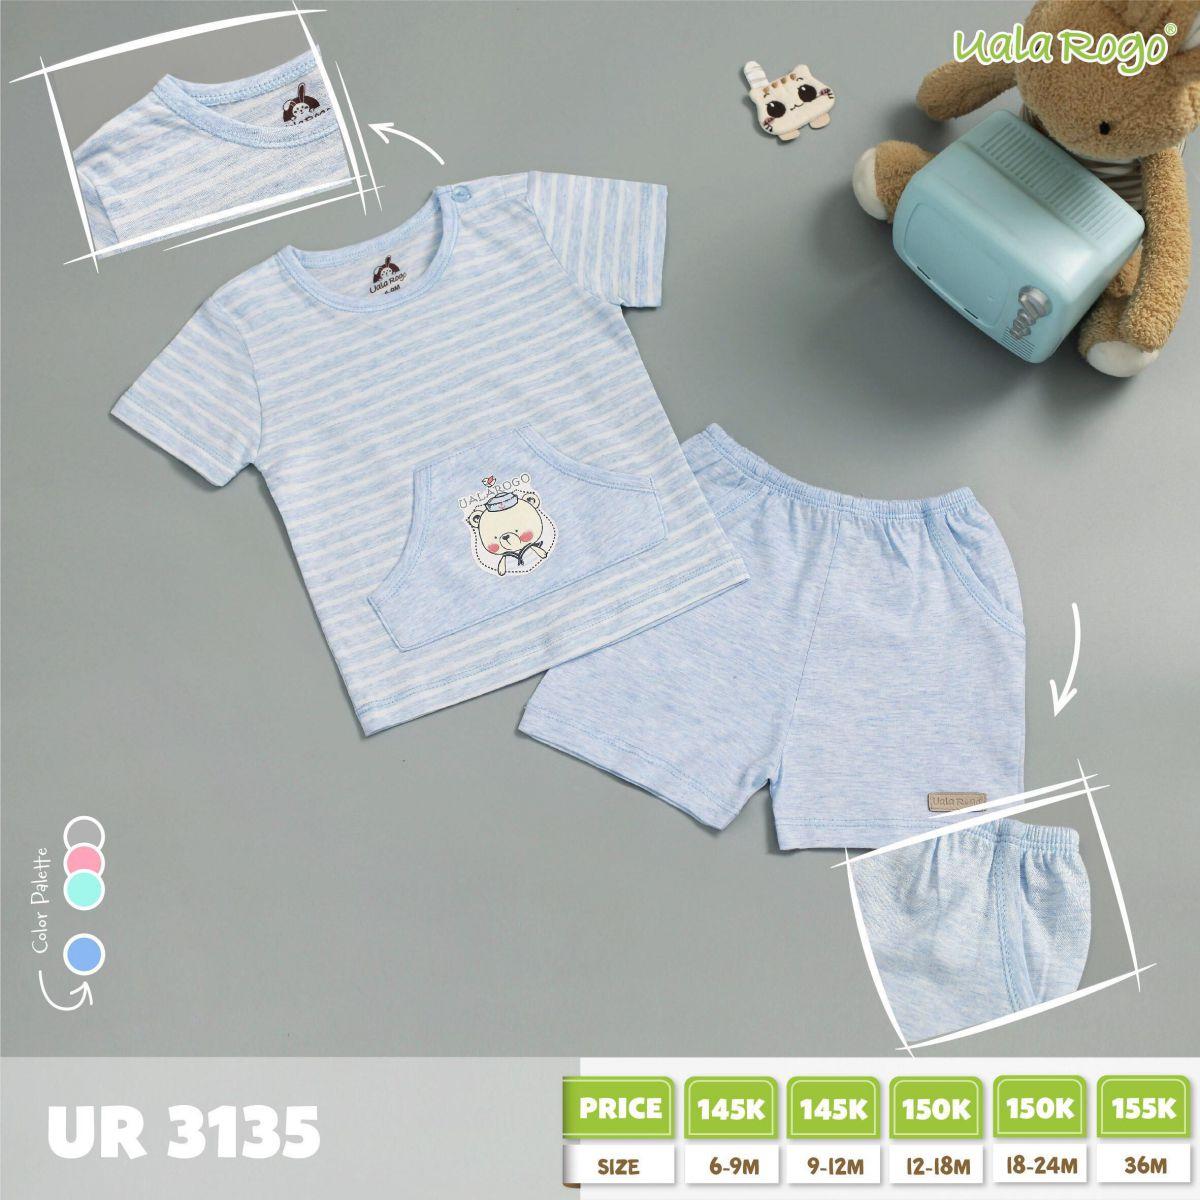 UR3135.2 - Bộ tay ngắn có túi cài nút vai cho bé - Màu xanh dương